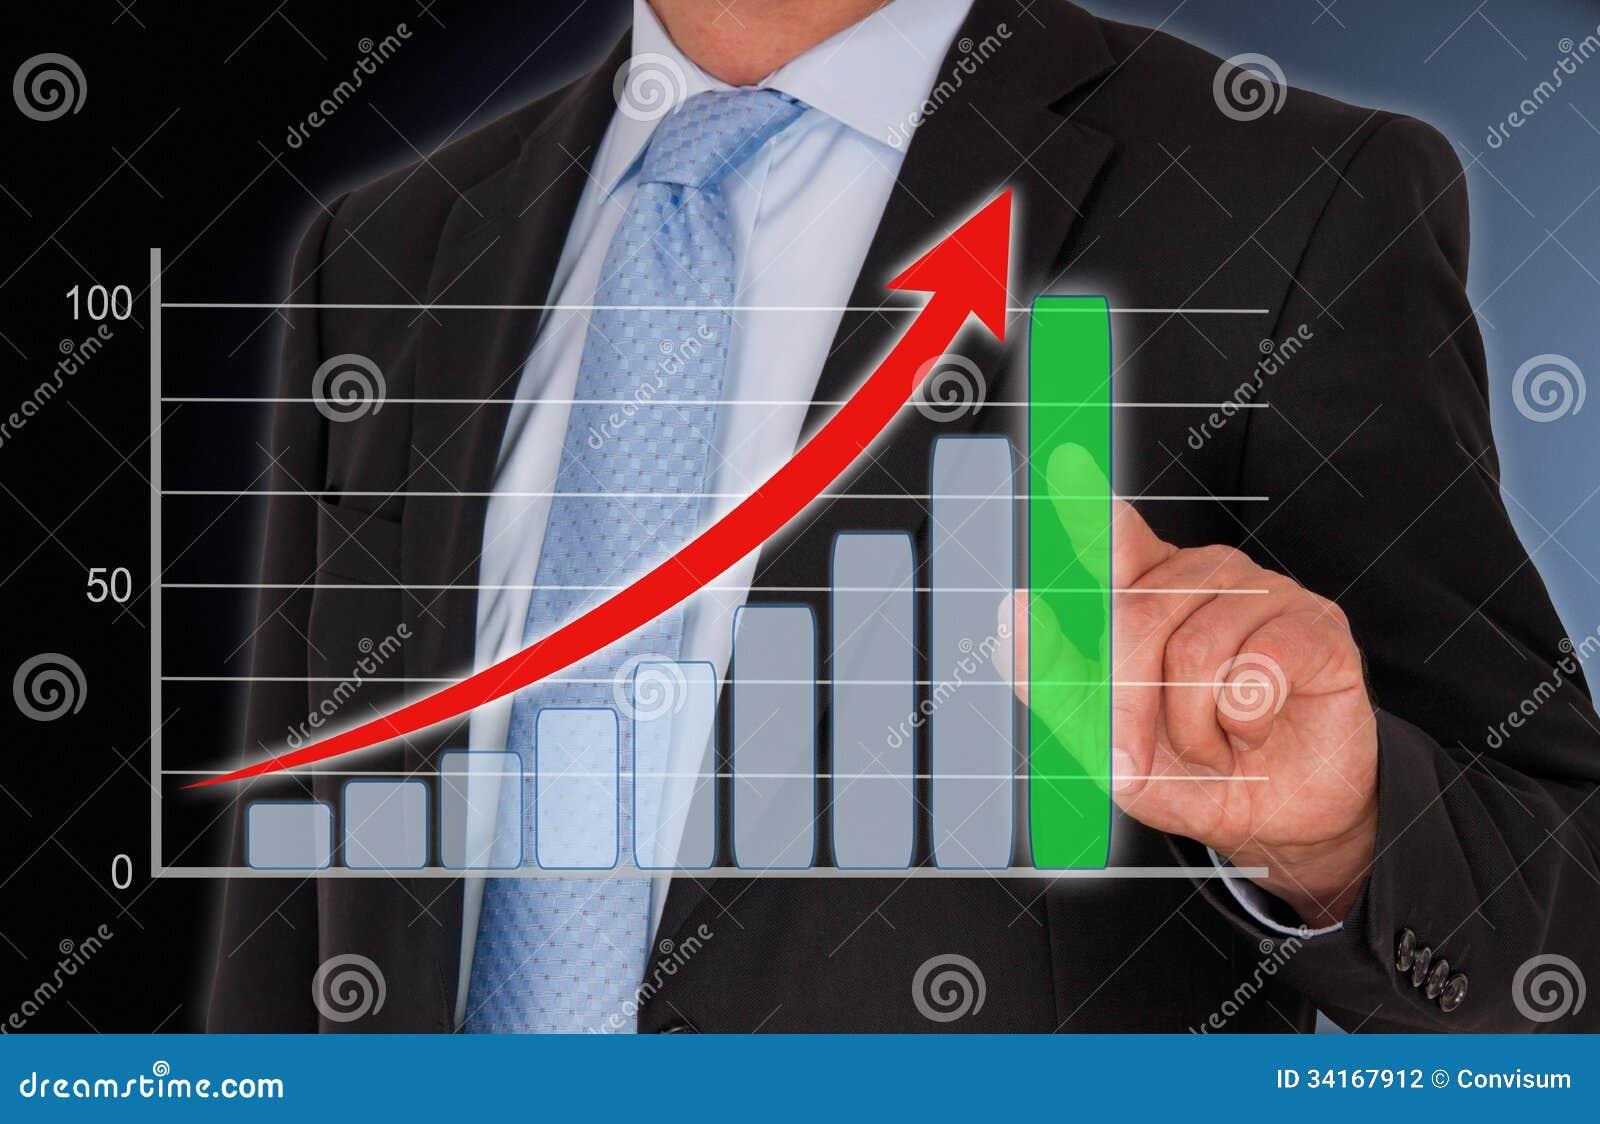 Диаграмма в виде вертикальных полос эффективности бизнеса